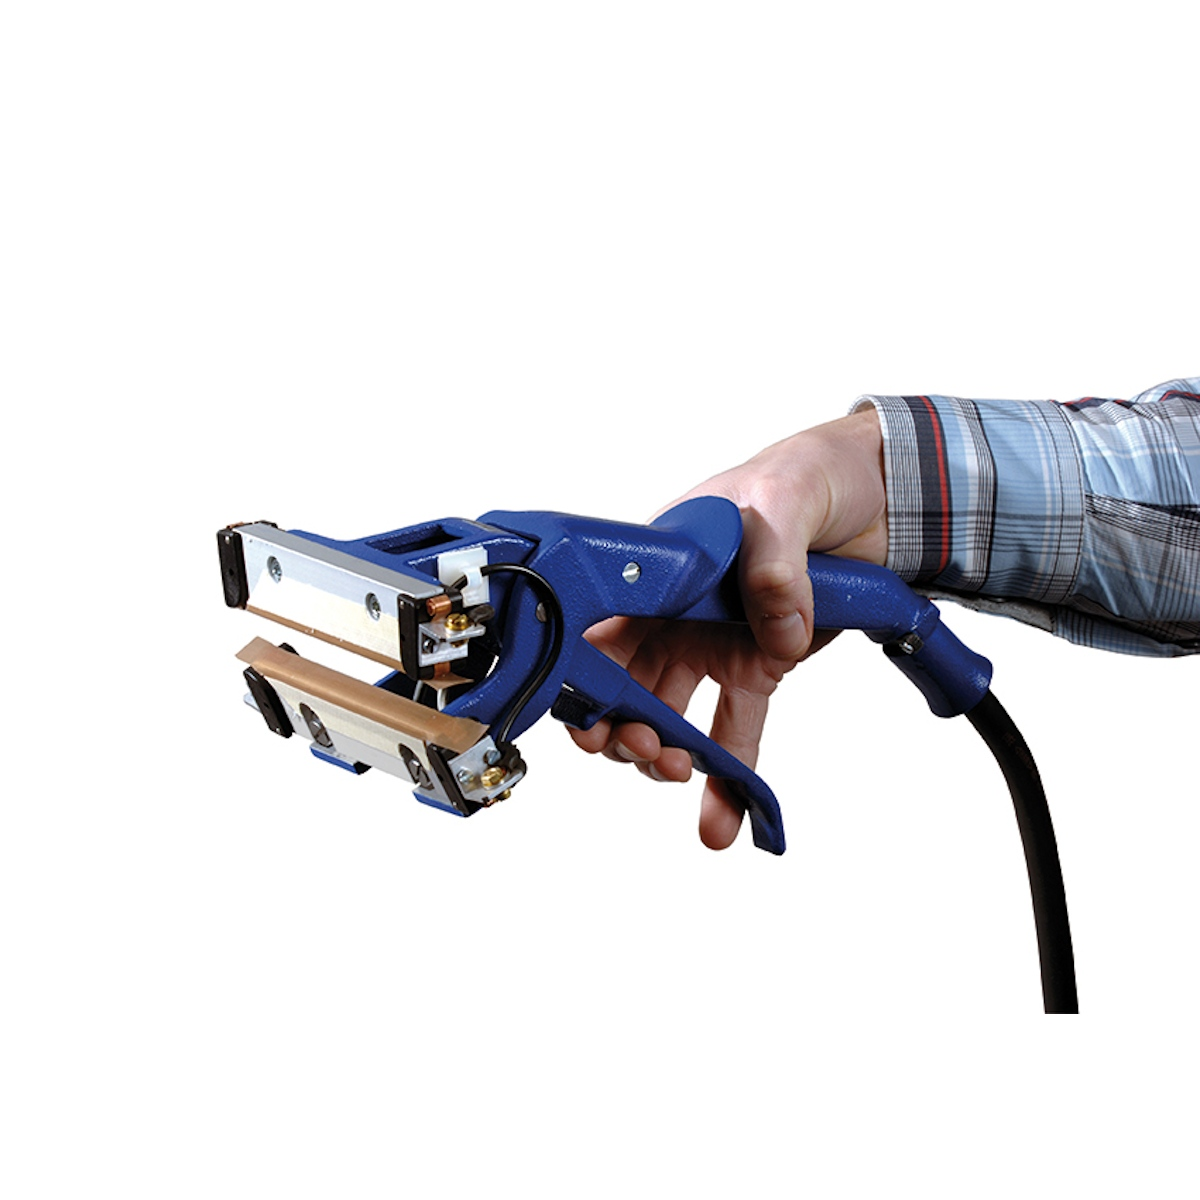 SZ10 Hand Welder